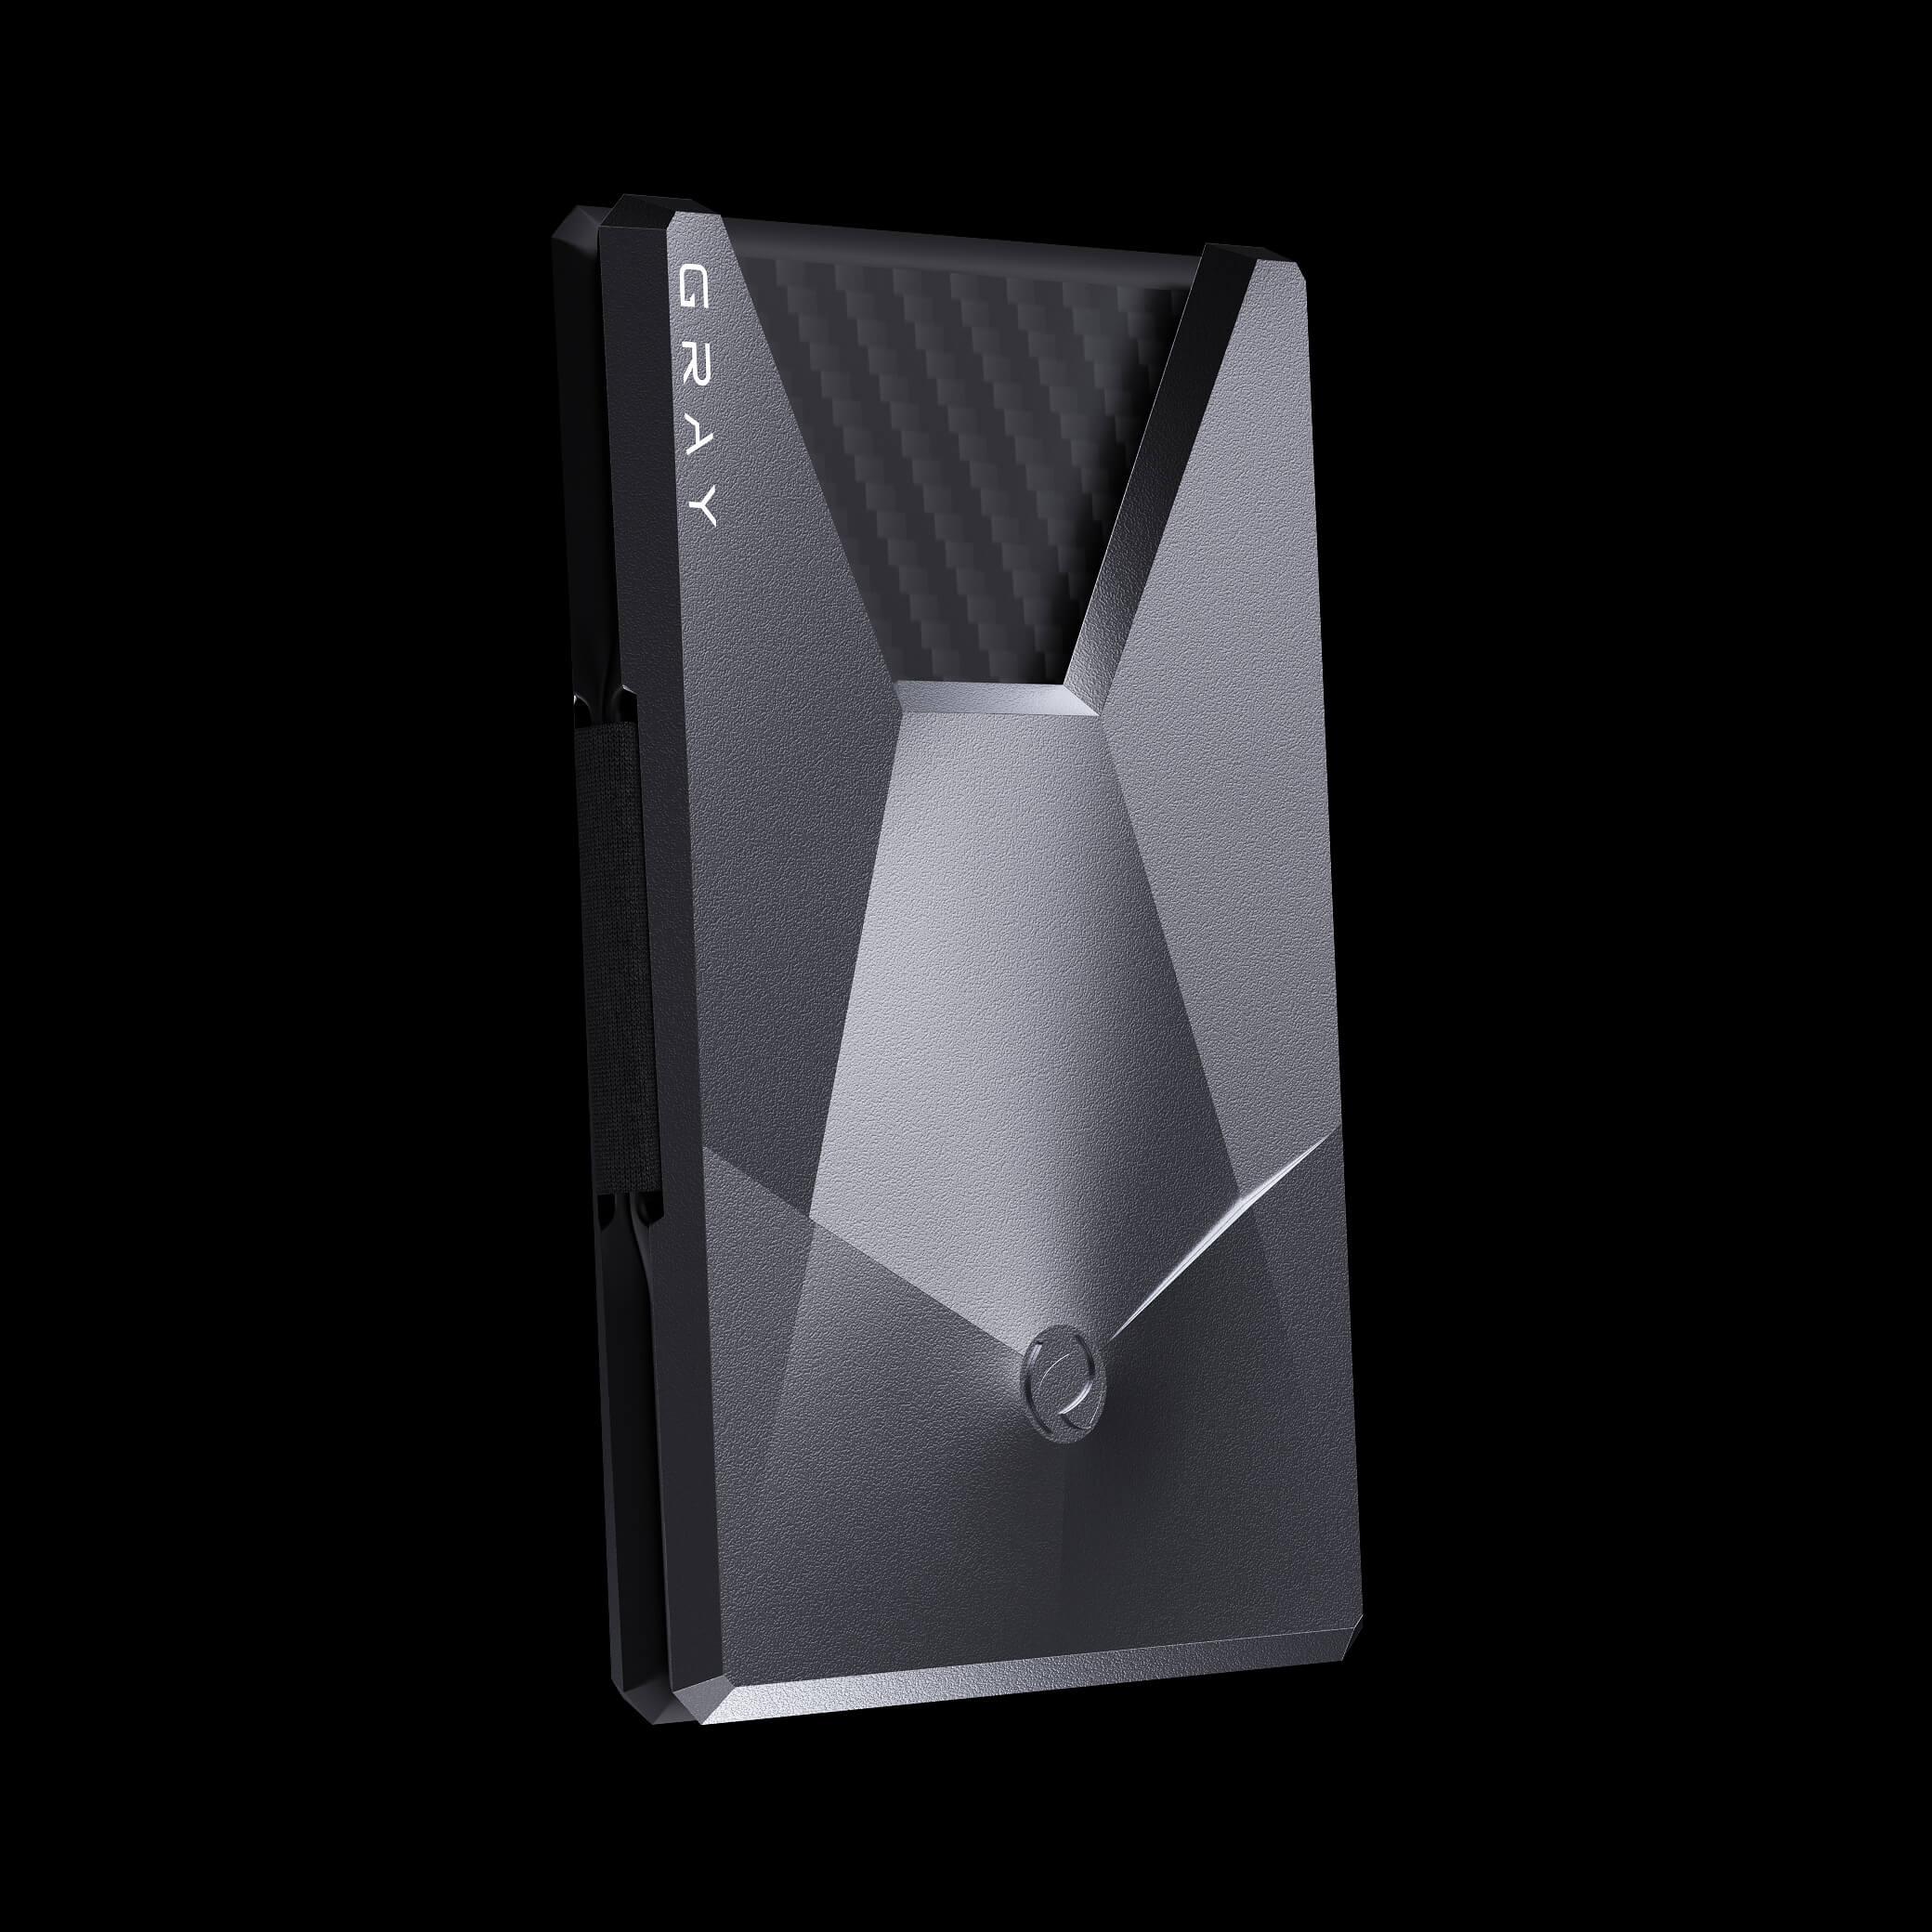 vandium space gray luxury designer aluminium metal card wallet